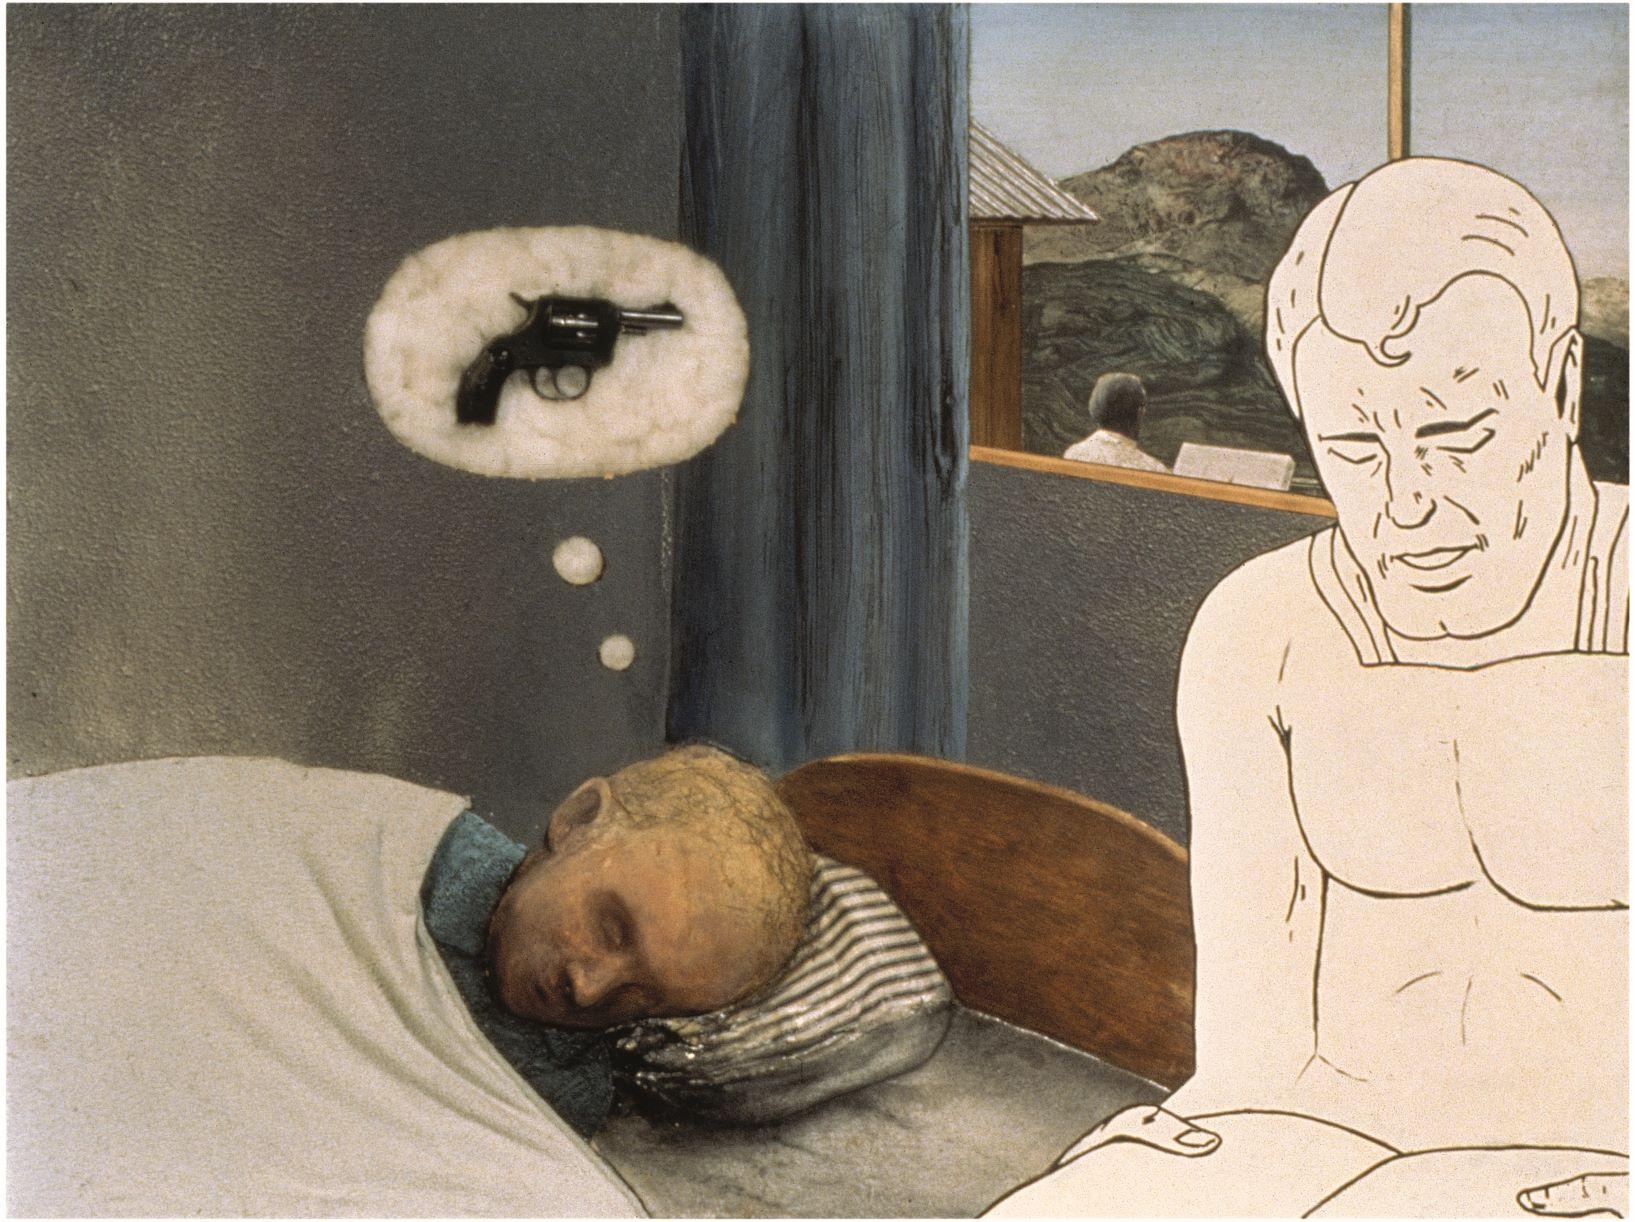 Untitled, 2020. A Punta della Dogana, le grandi tematiche della storia dell'uomo attraverso lo sguardo contemporaneo